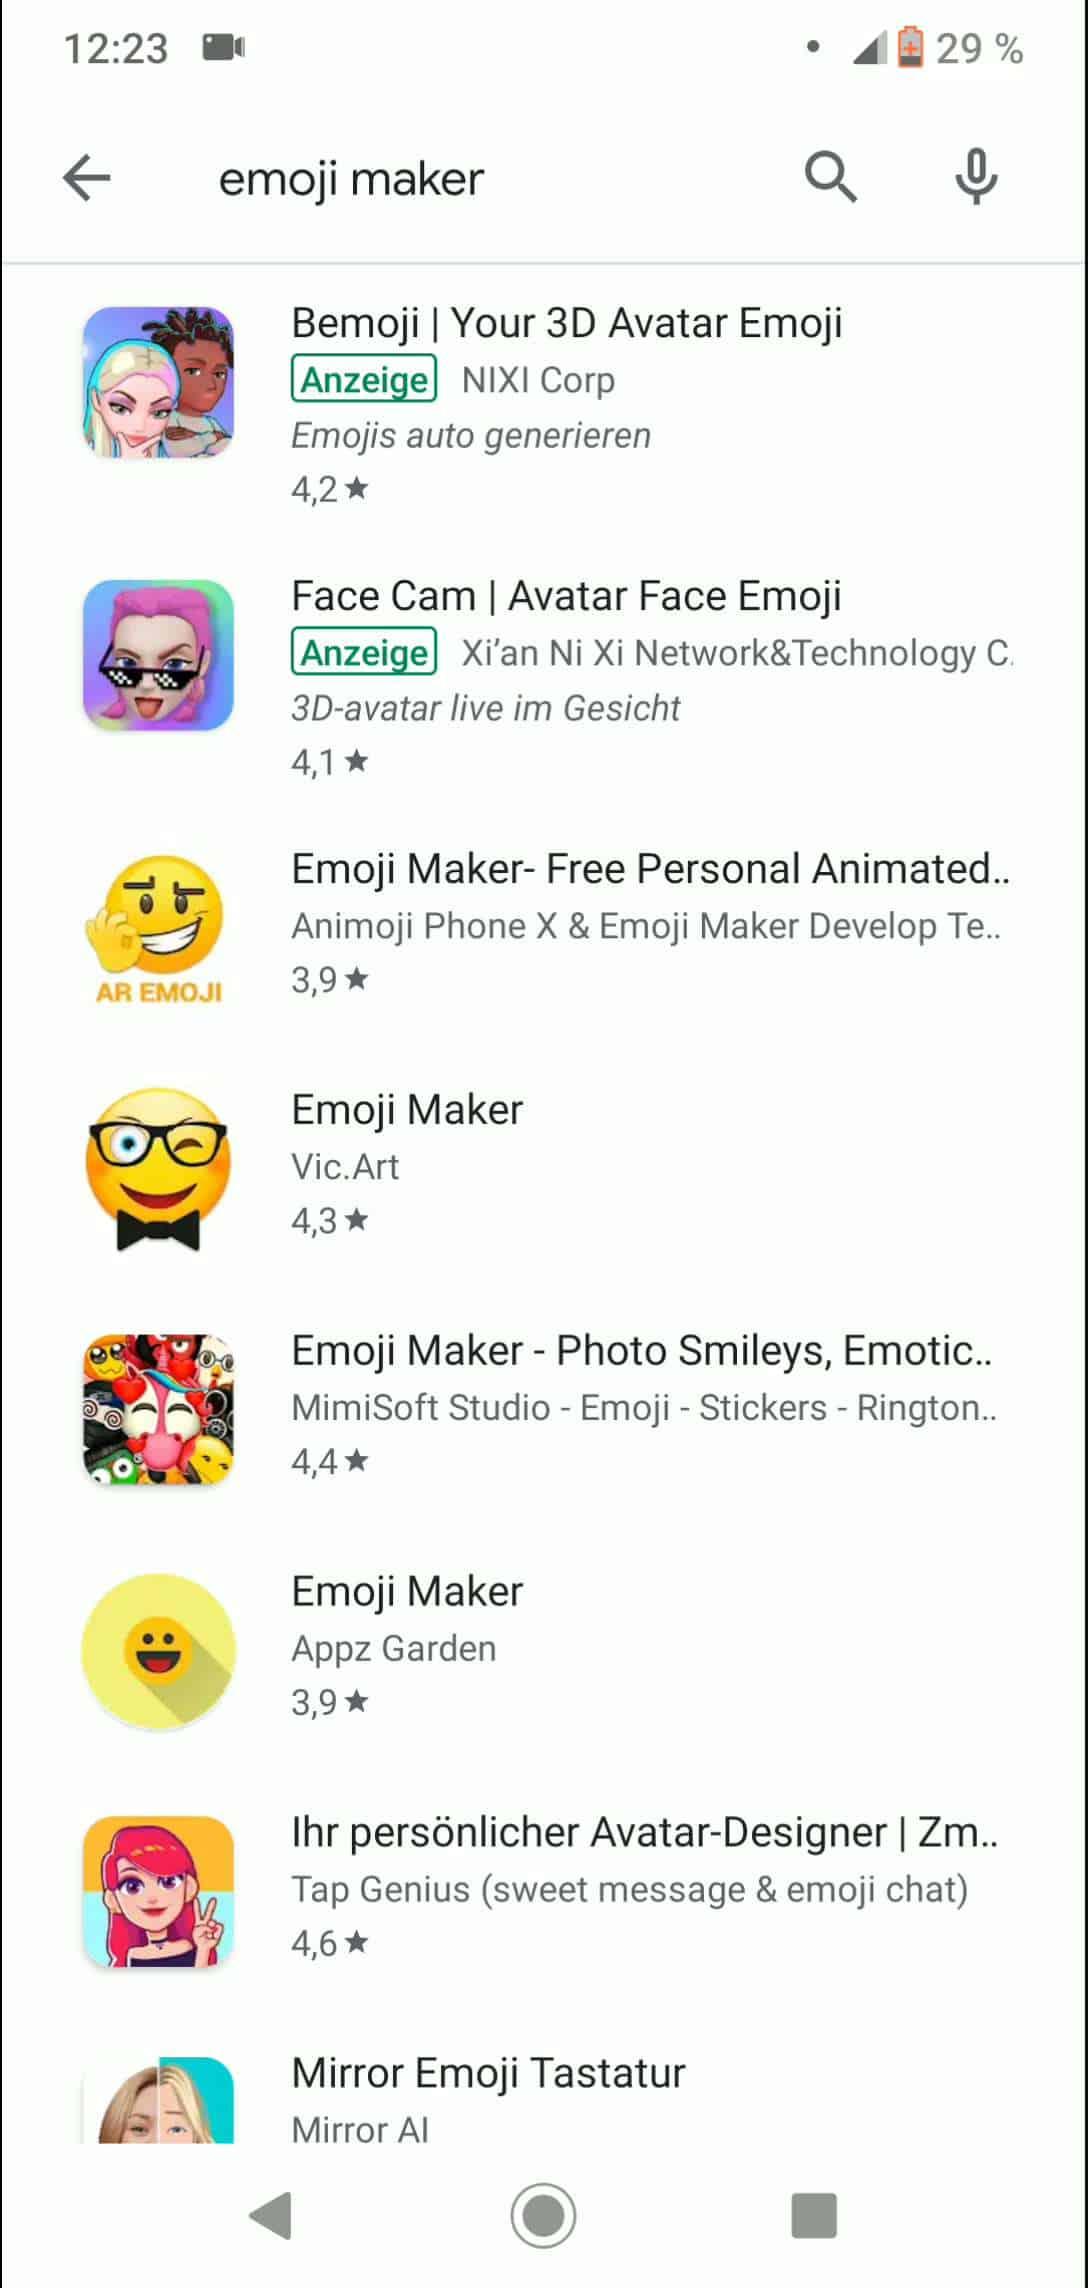 Schritt 2: Wähle eine App und tippe sie an